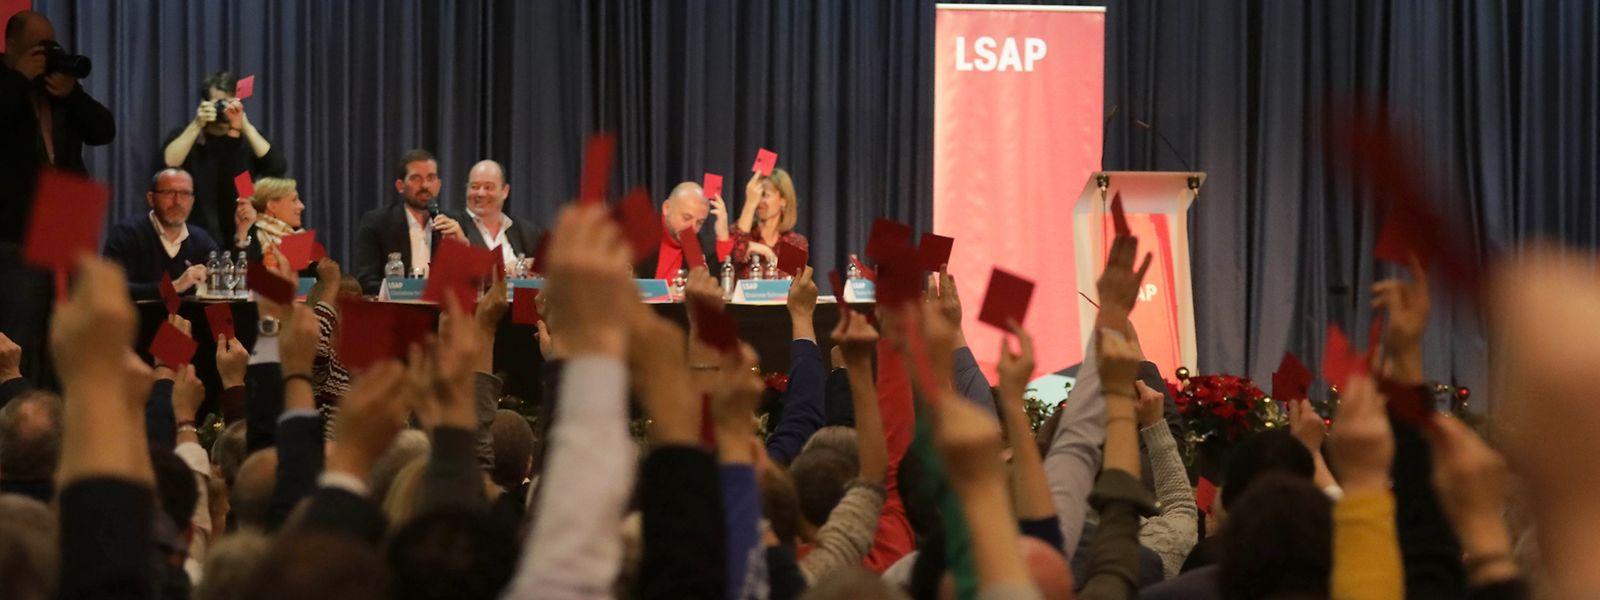 Die LSAP-Basis bestätigt das Koalitionsprogramm und die Ressortverteilung.